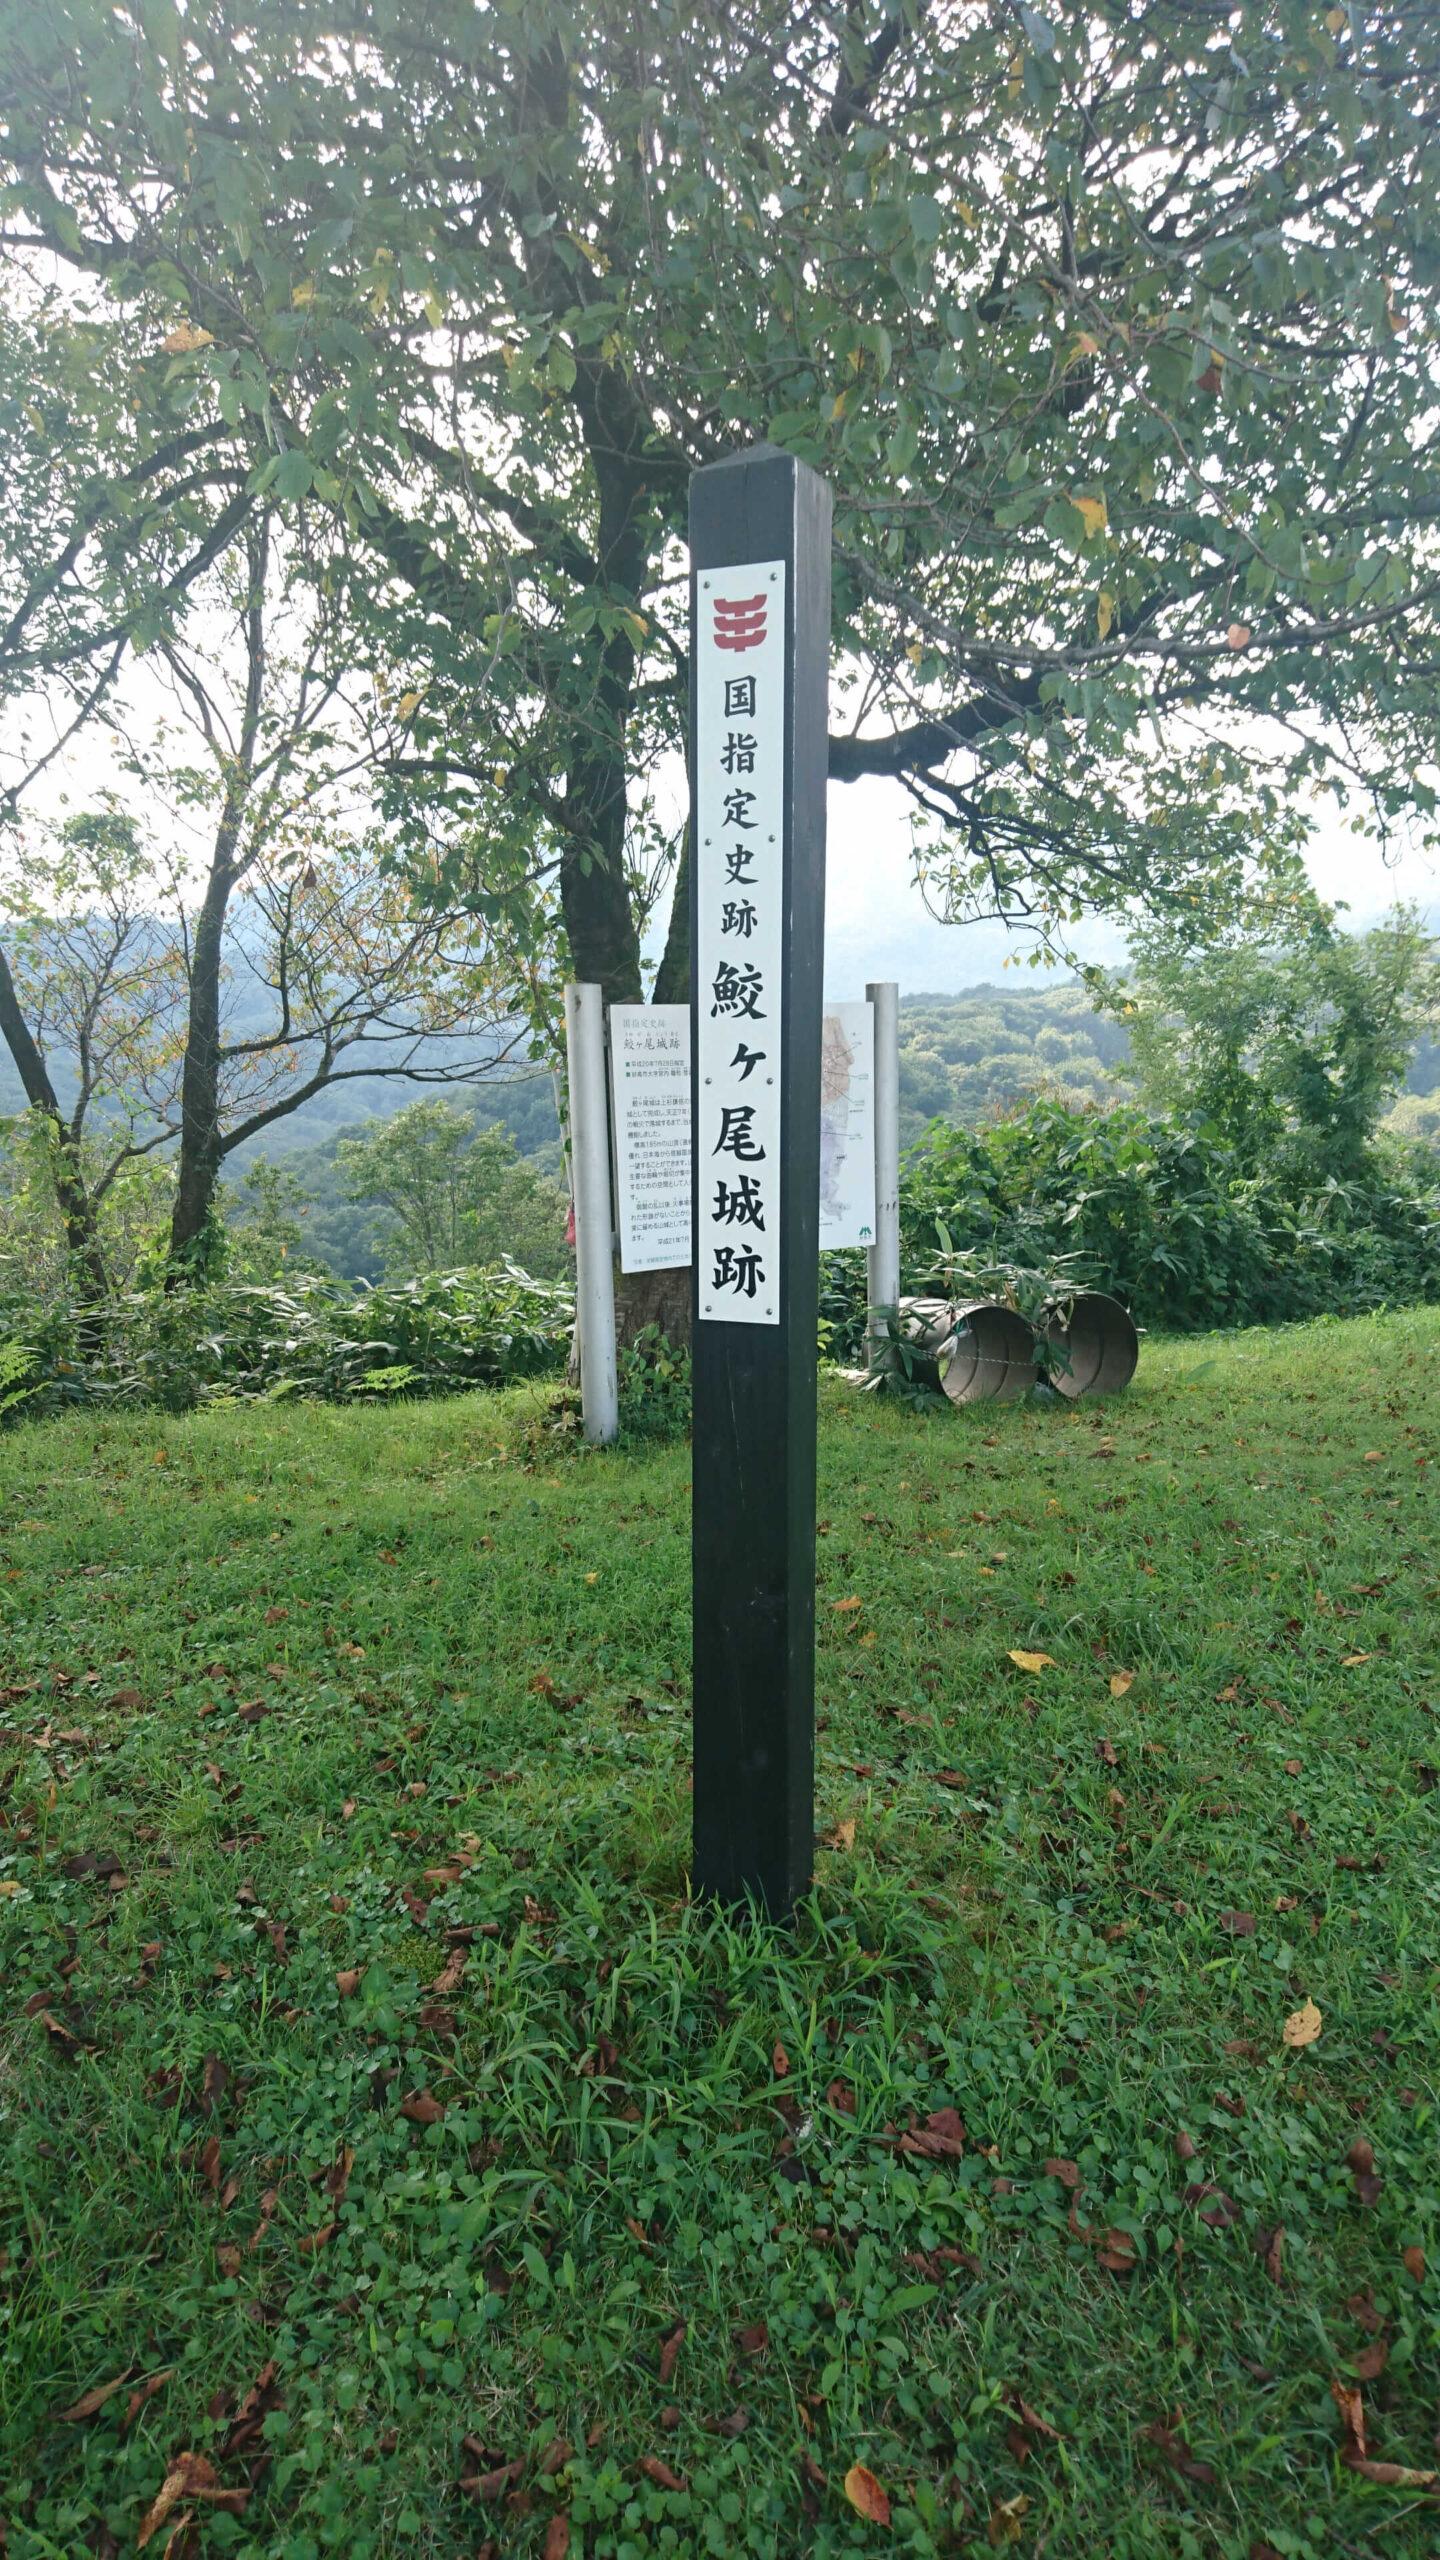 鮫々尾城跡 国指定史跡の杭